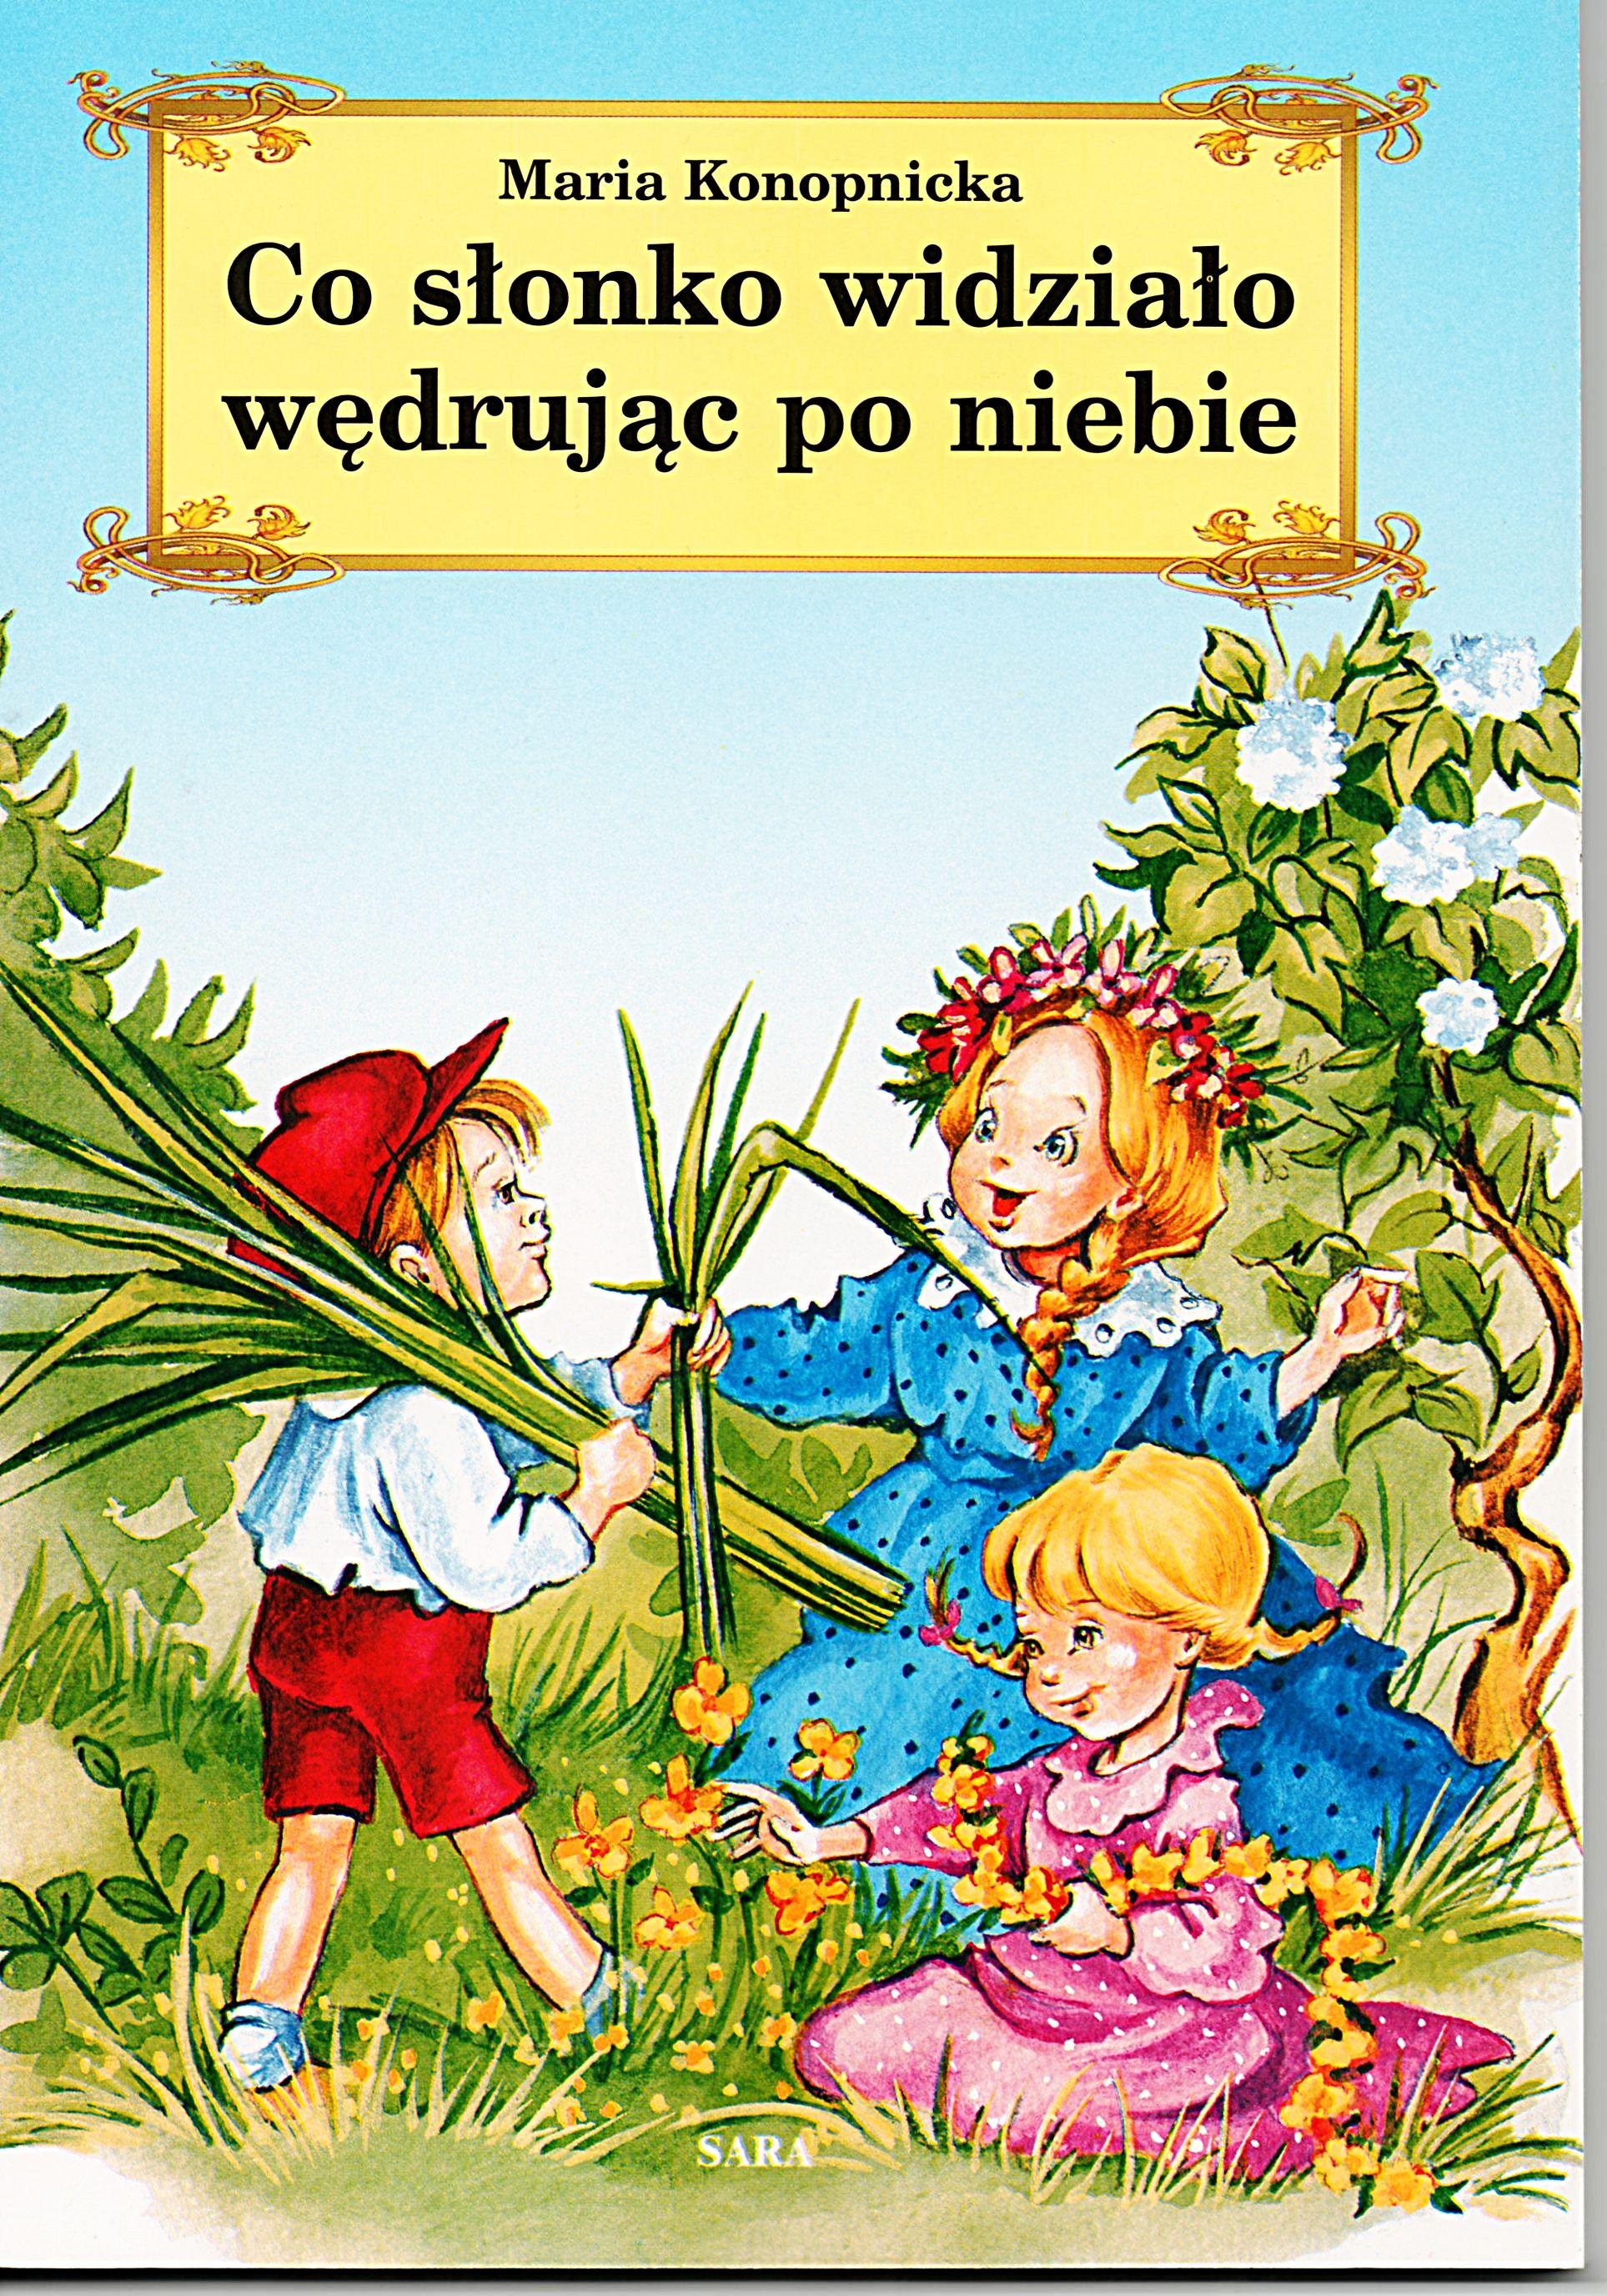 Pin On Książki Dla Dzieci I Młodzieży